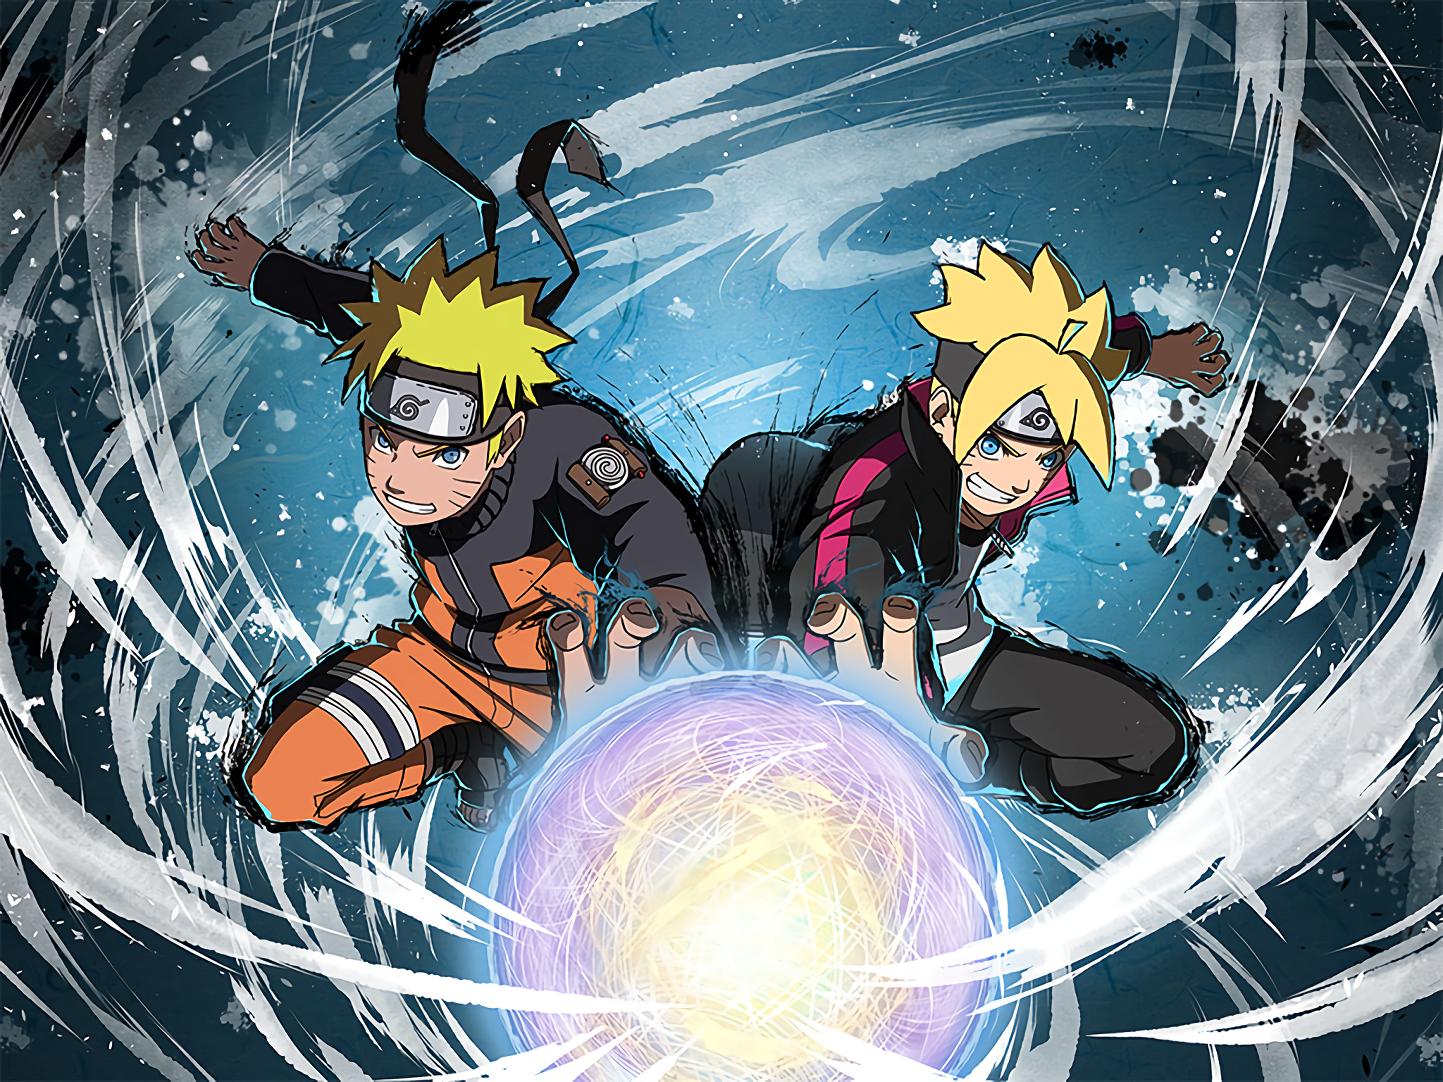 Naruto Boruto Wallpaper 2 Nxb Ninja Tribes By Maxiuchiha22 On Deviantart